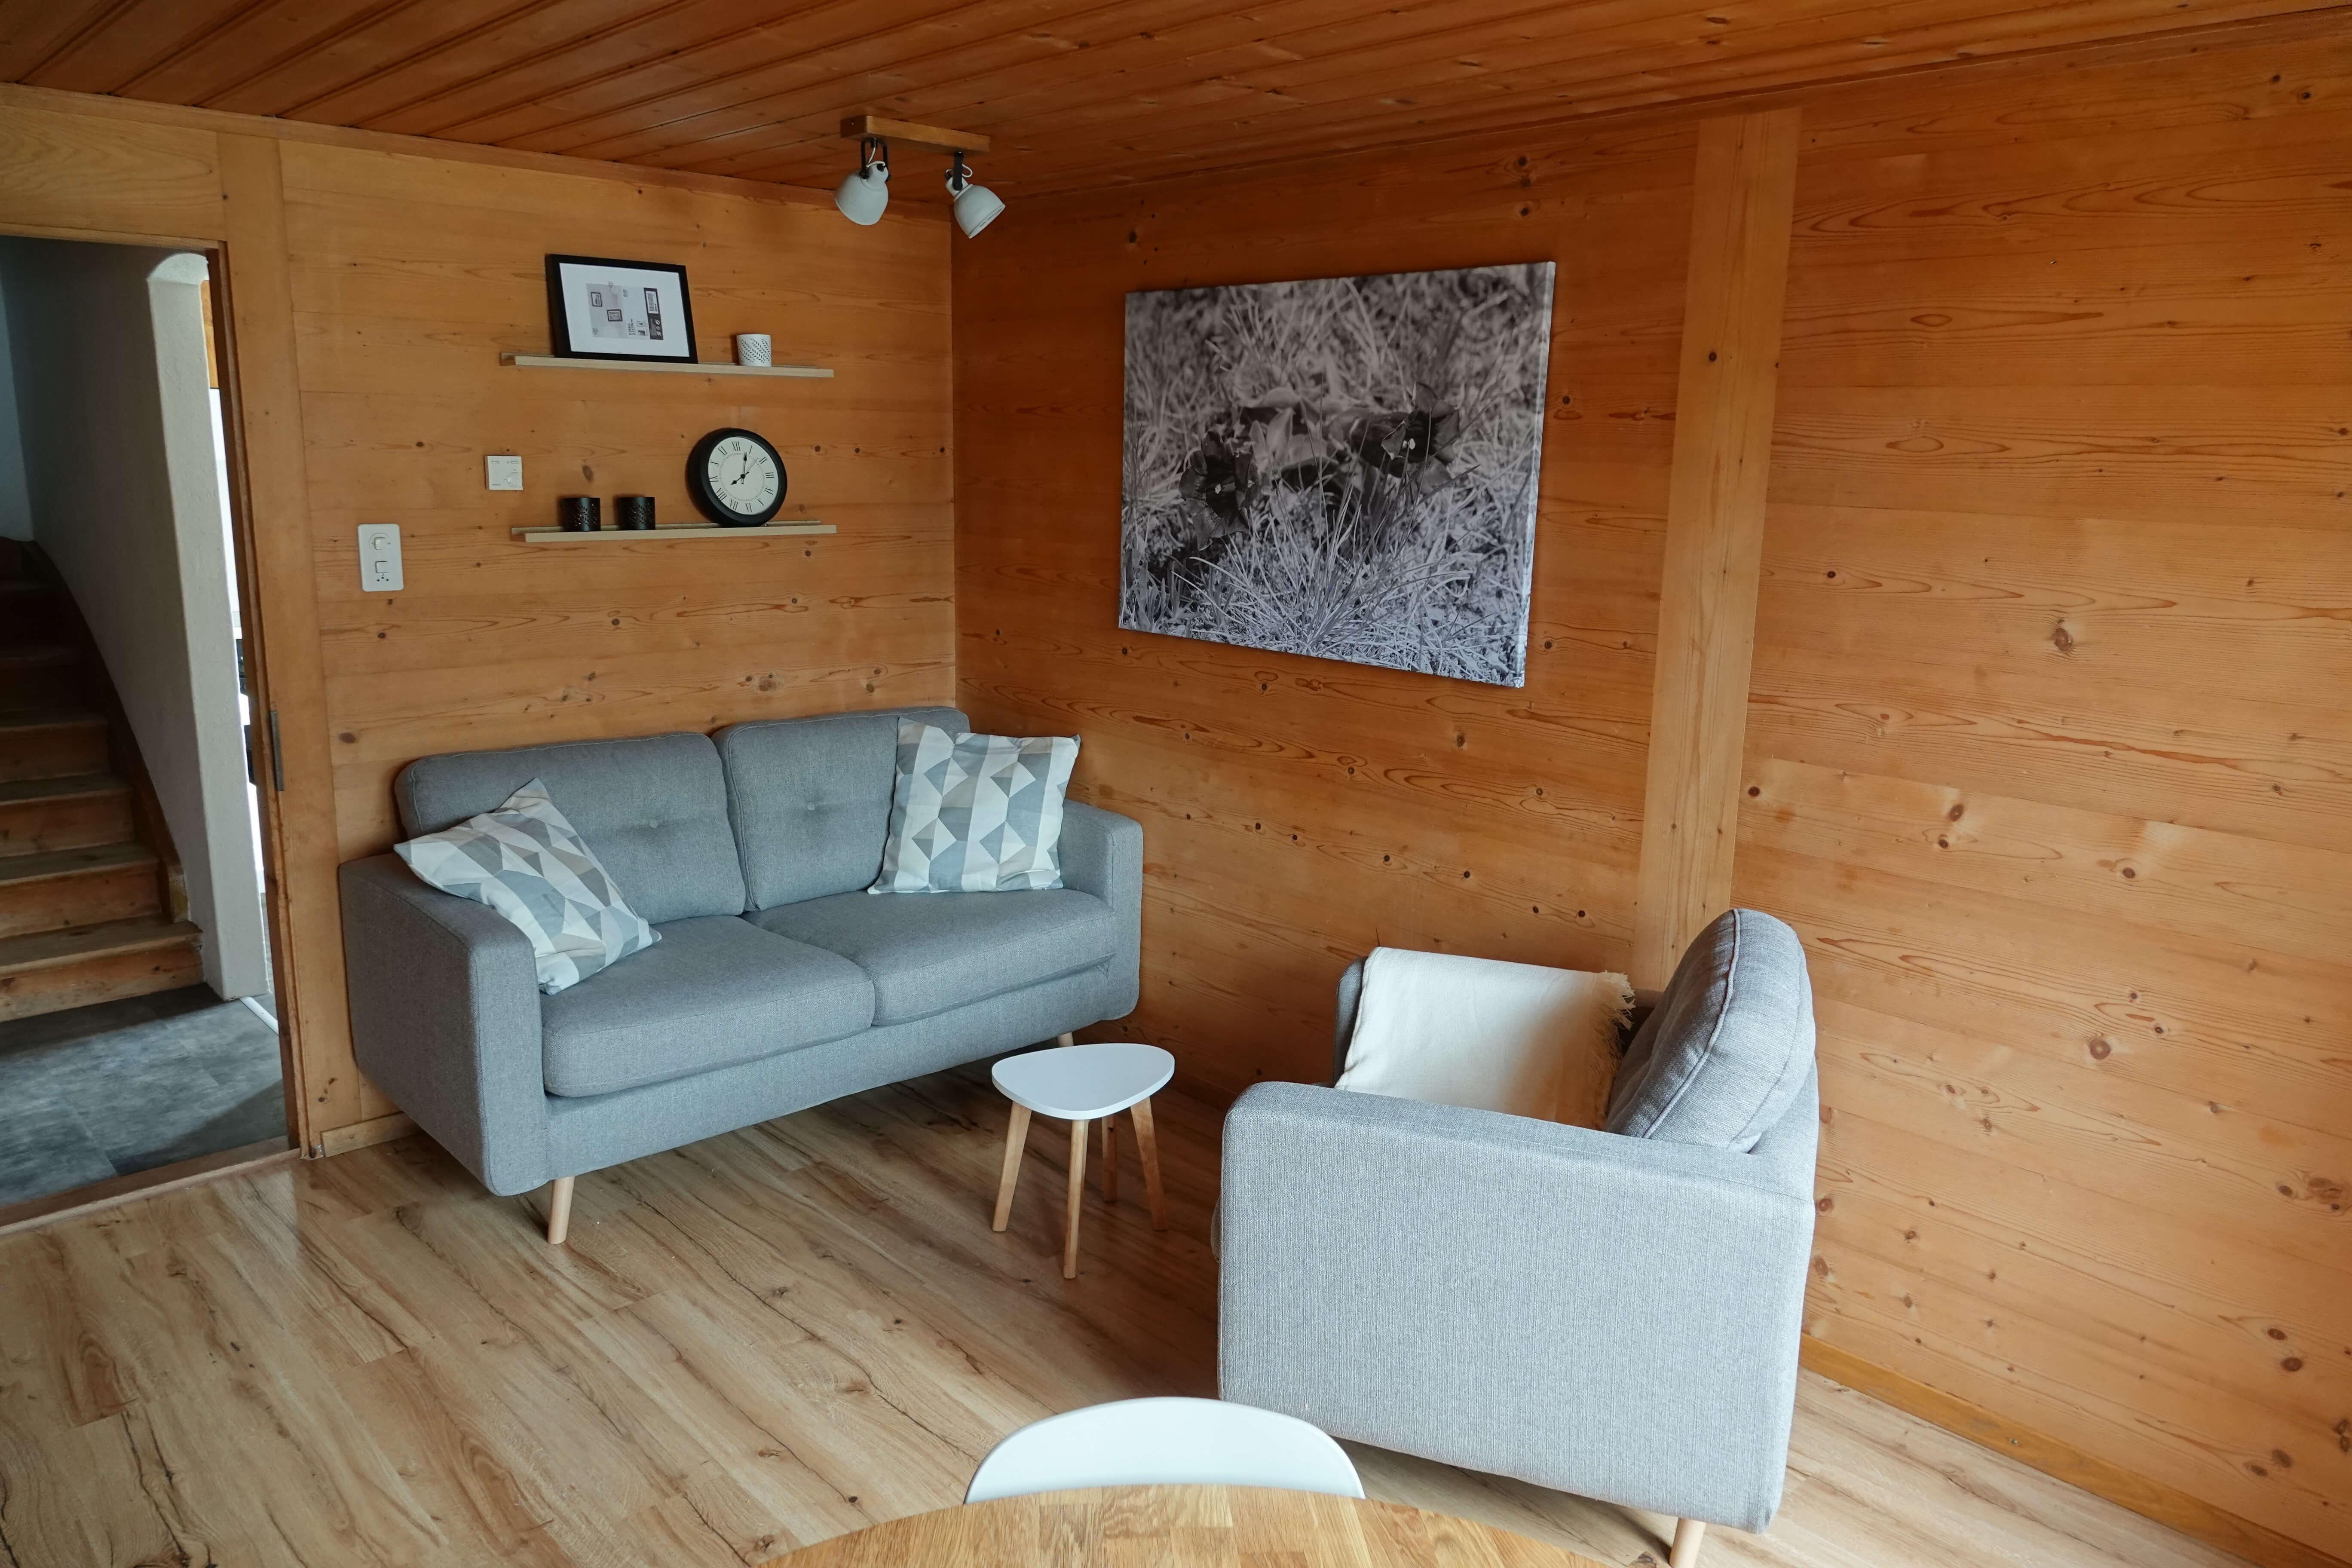 Wohnzimmer mit Sofaecke im Erdgeschoss